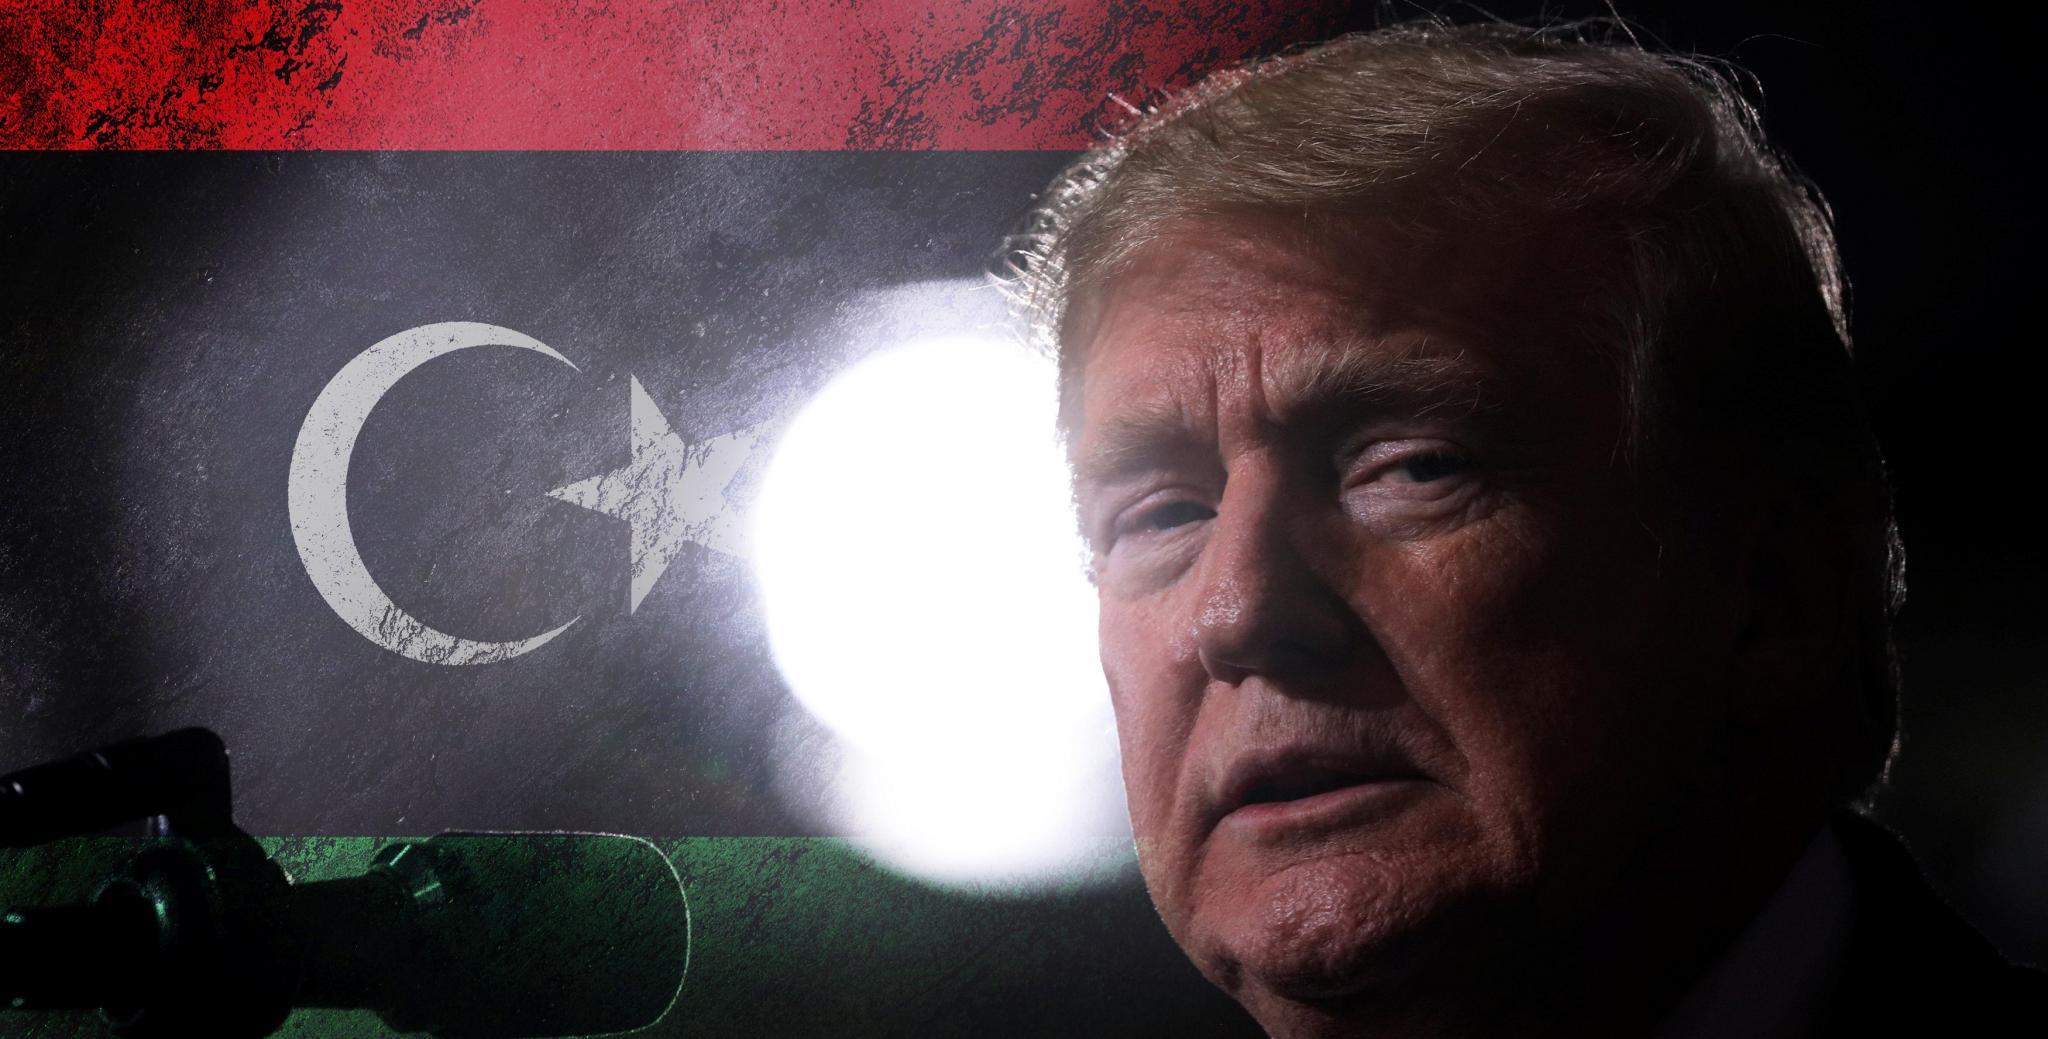 الرئيس الأمريكي دونالد ترامب ومستقبل ليبيا